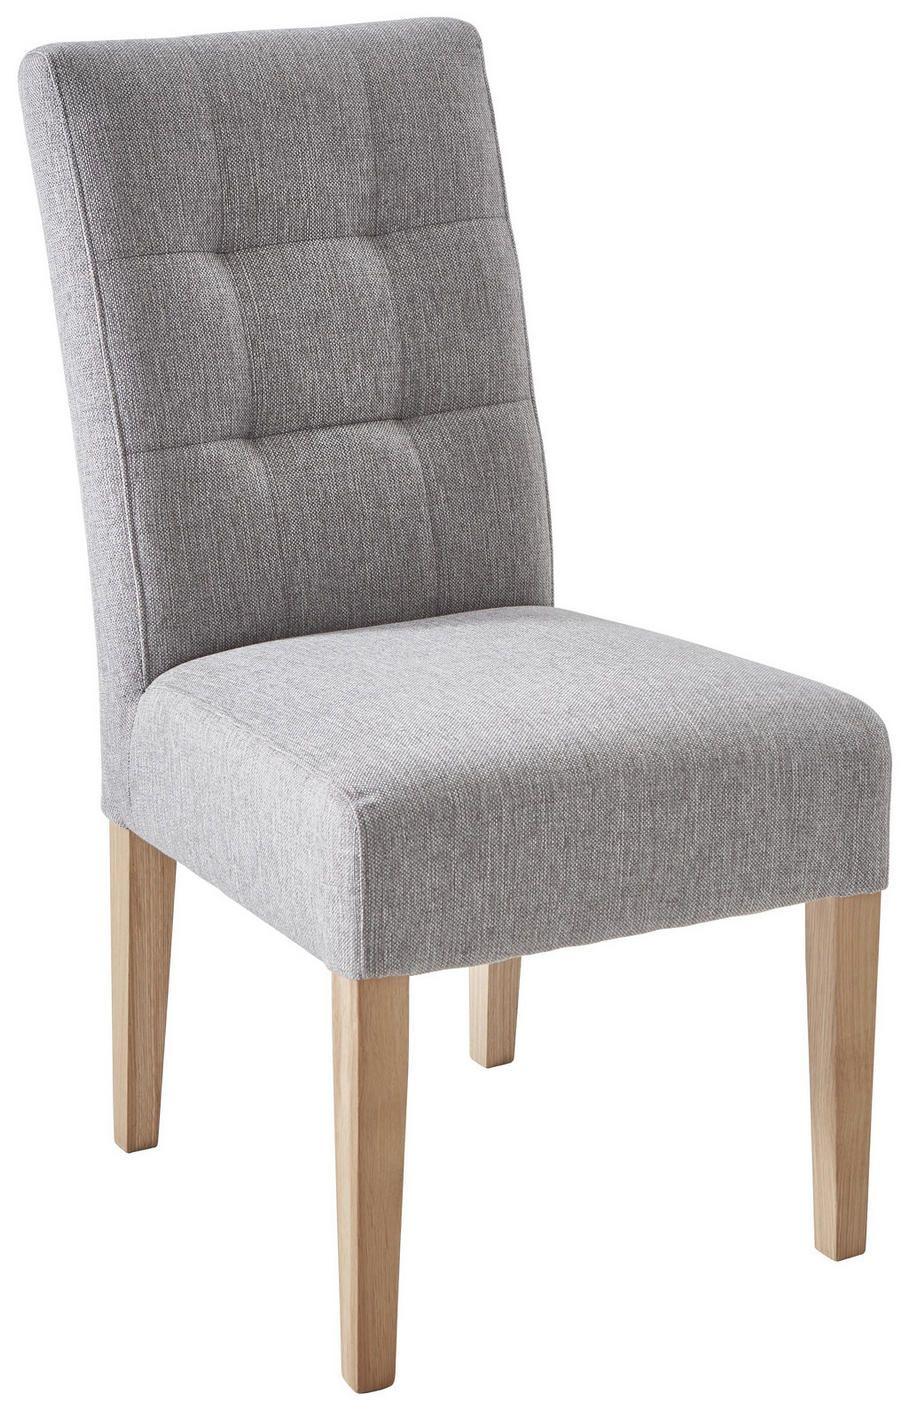 Stuhl Webstoff Grau Online Kaufen Xxxlutz Stuhl Polstern Pol